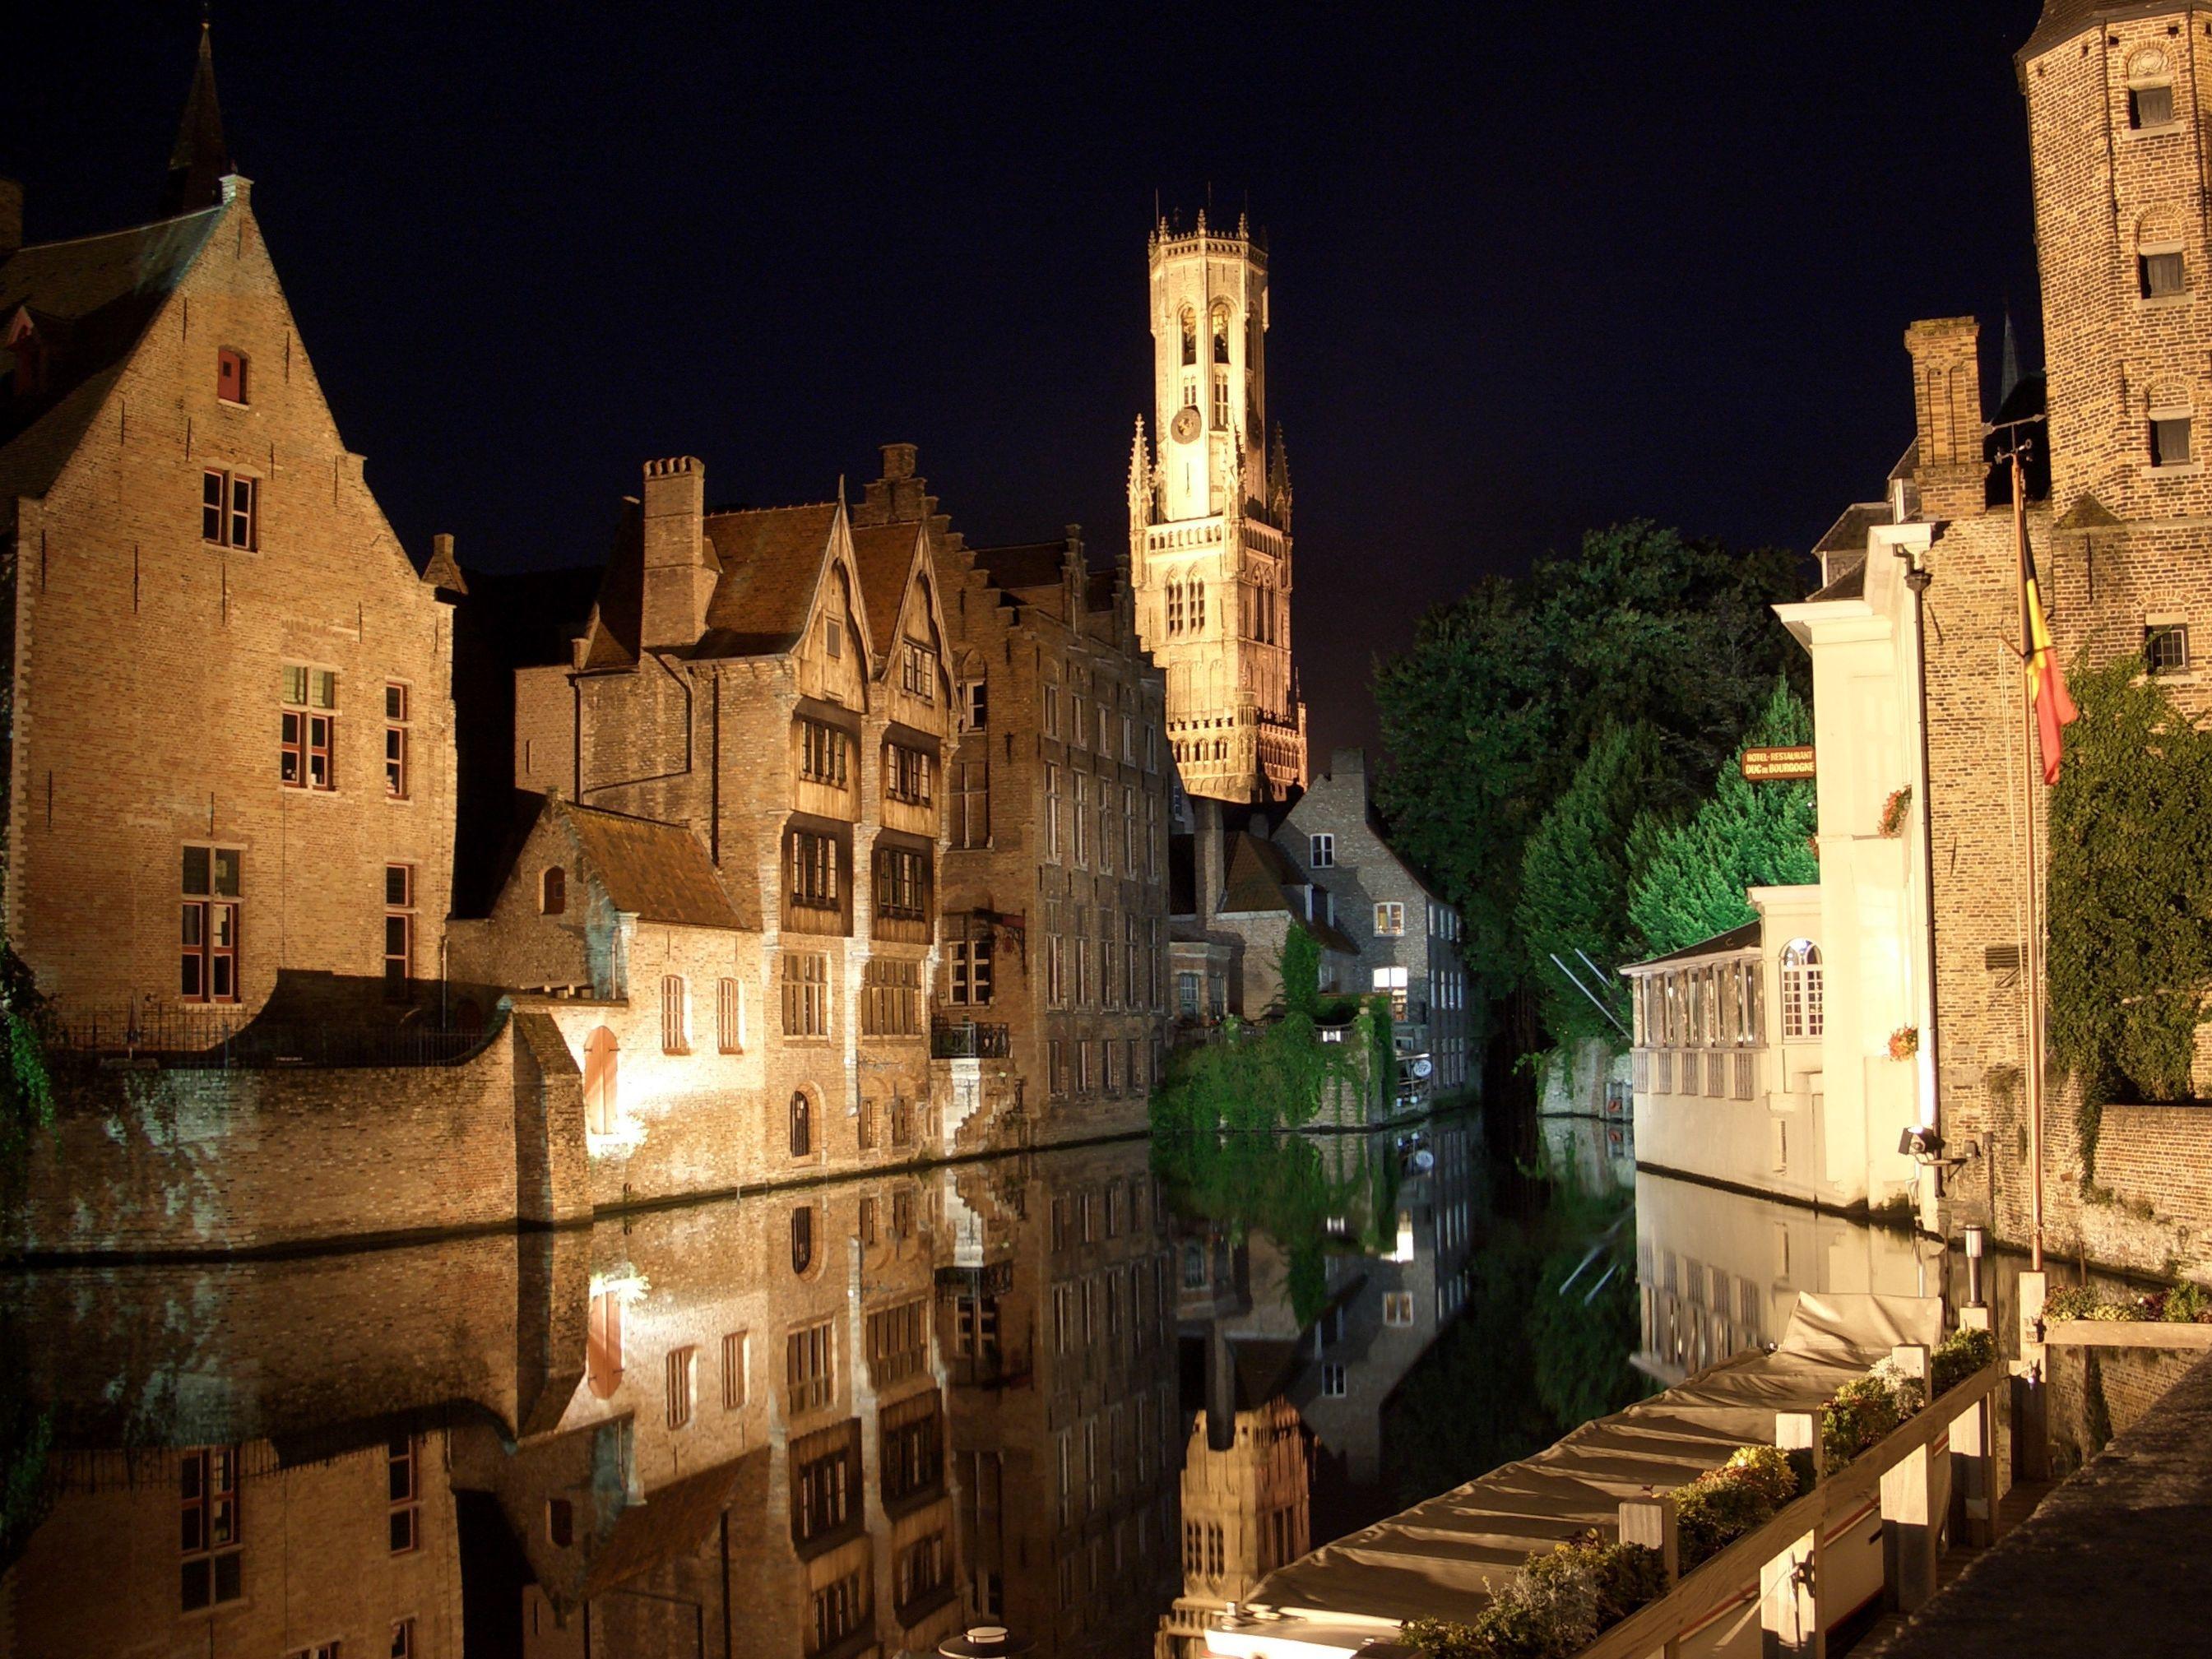 15477 скачать обои Города, Вода, Дома, Ночь, Архитектура, Италия, Венеция - заставки и картинки бесплатно